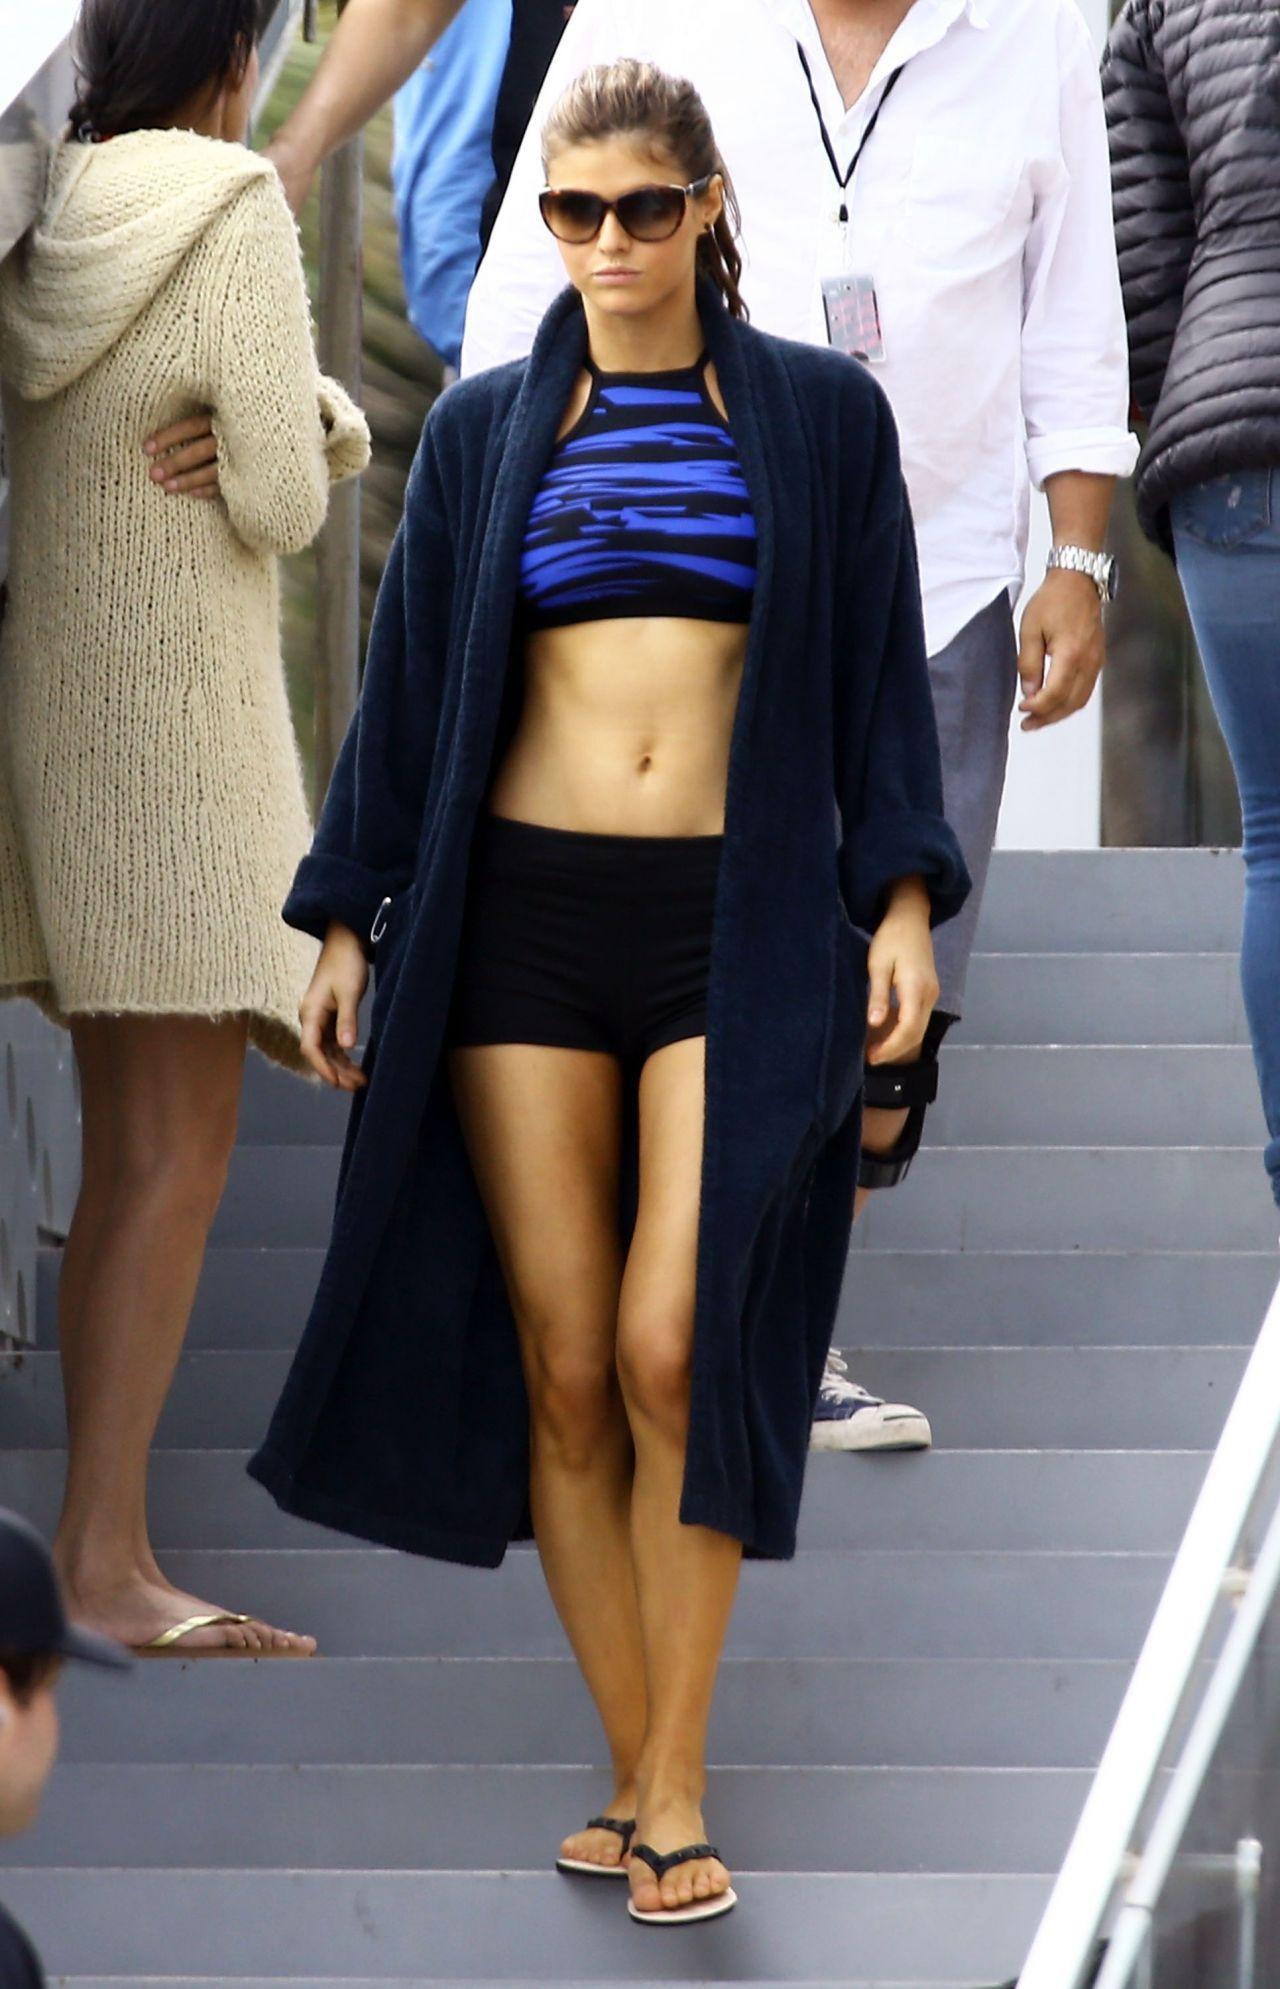 Alexandra Daddario In A Bikini Baywatch Set In Miami